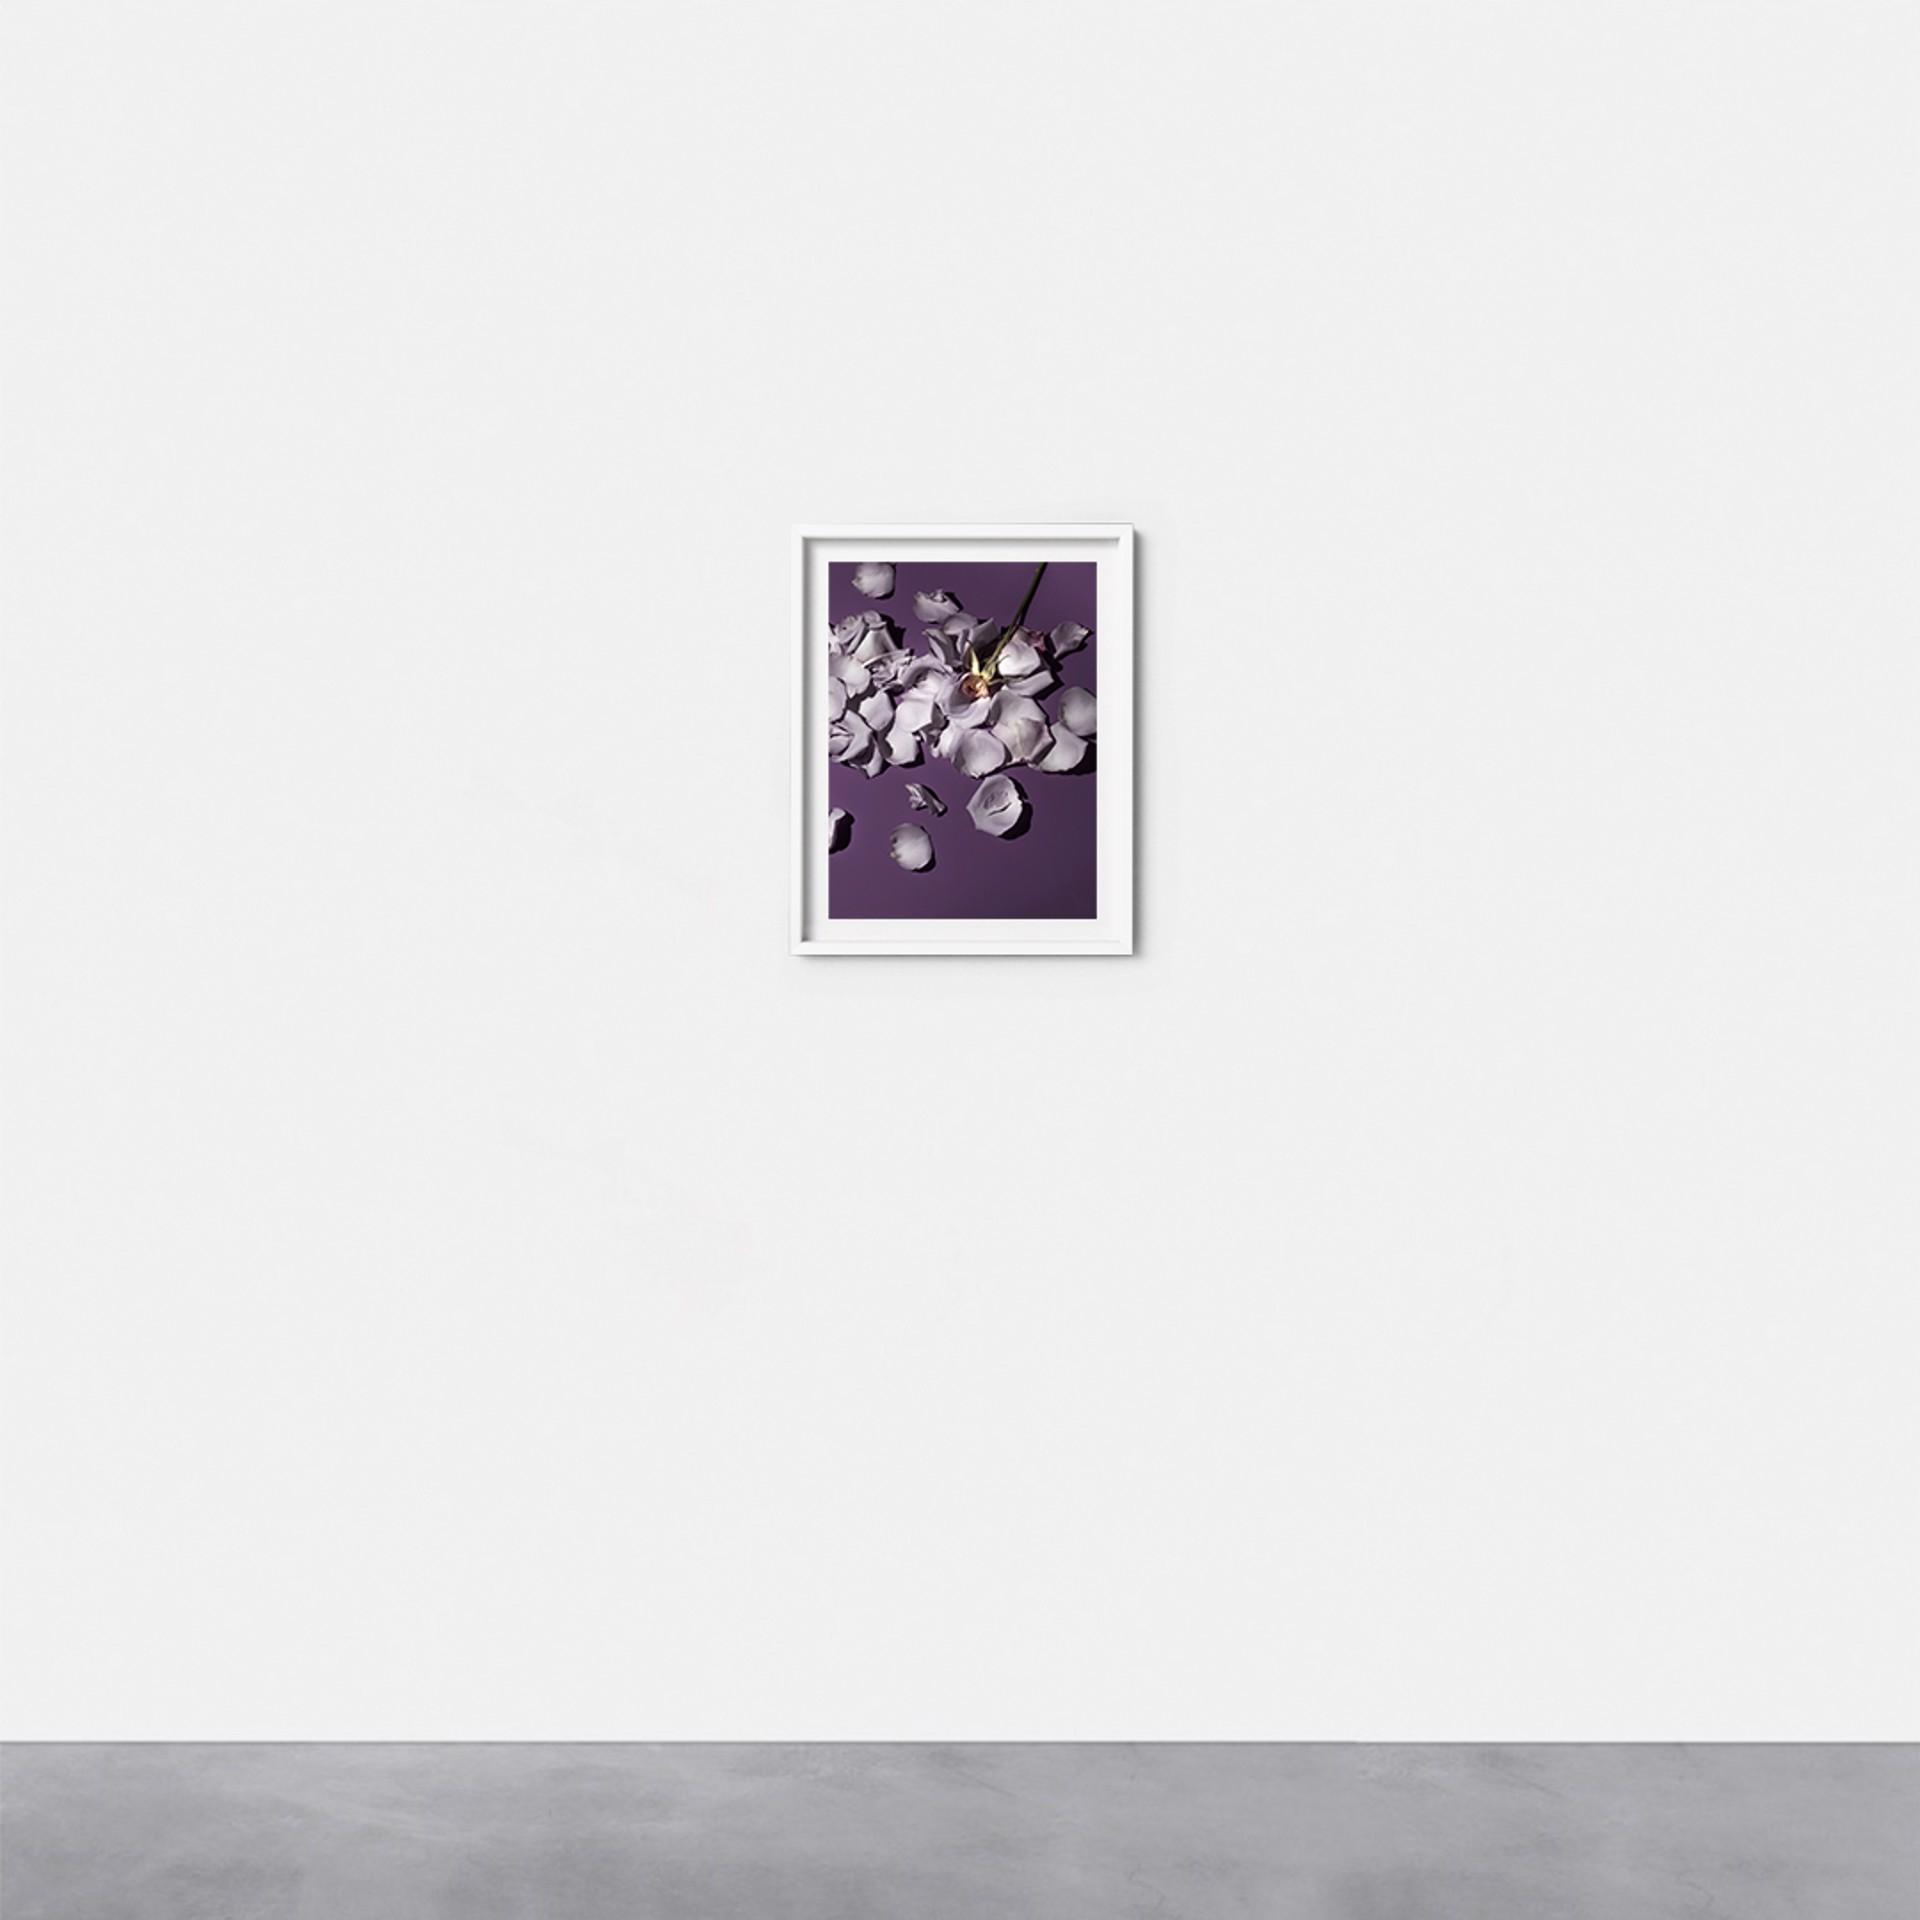 Flower #4 by Gabriella Imperatori-Penn